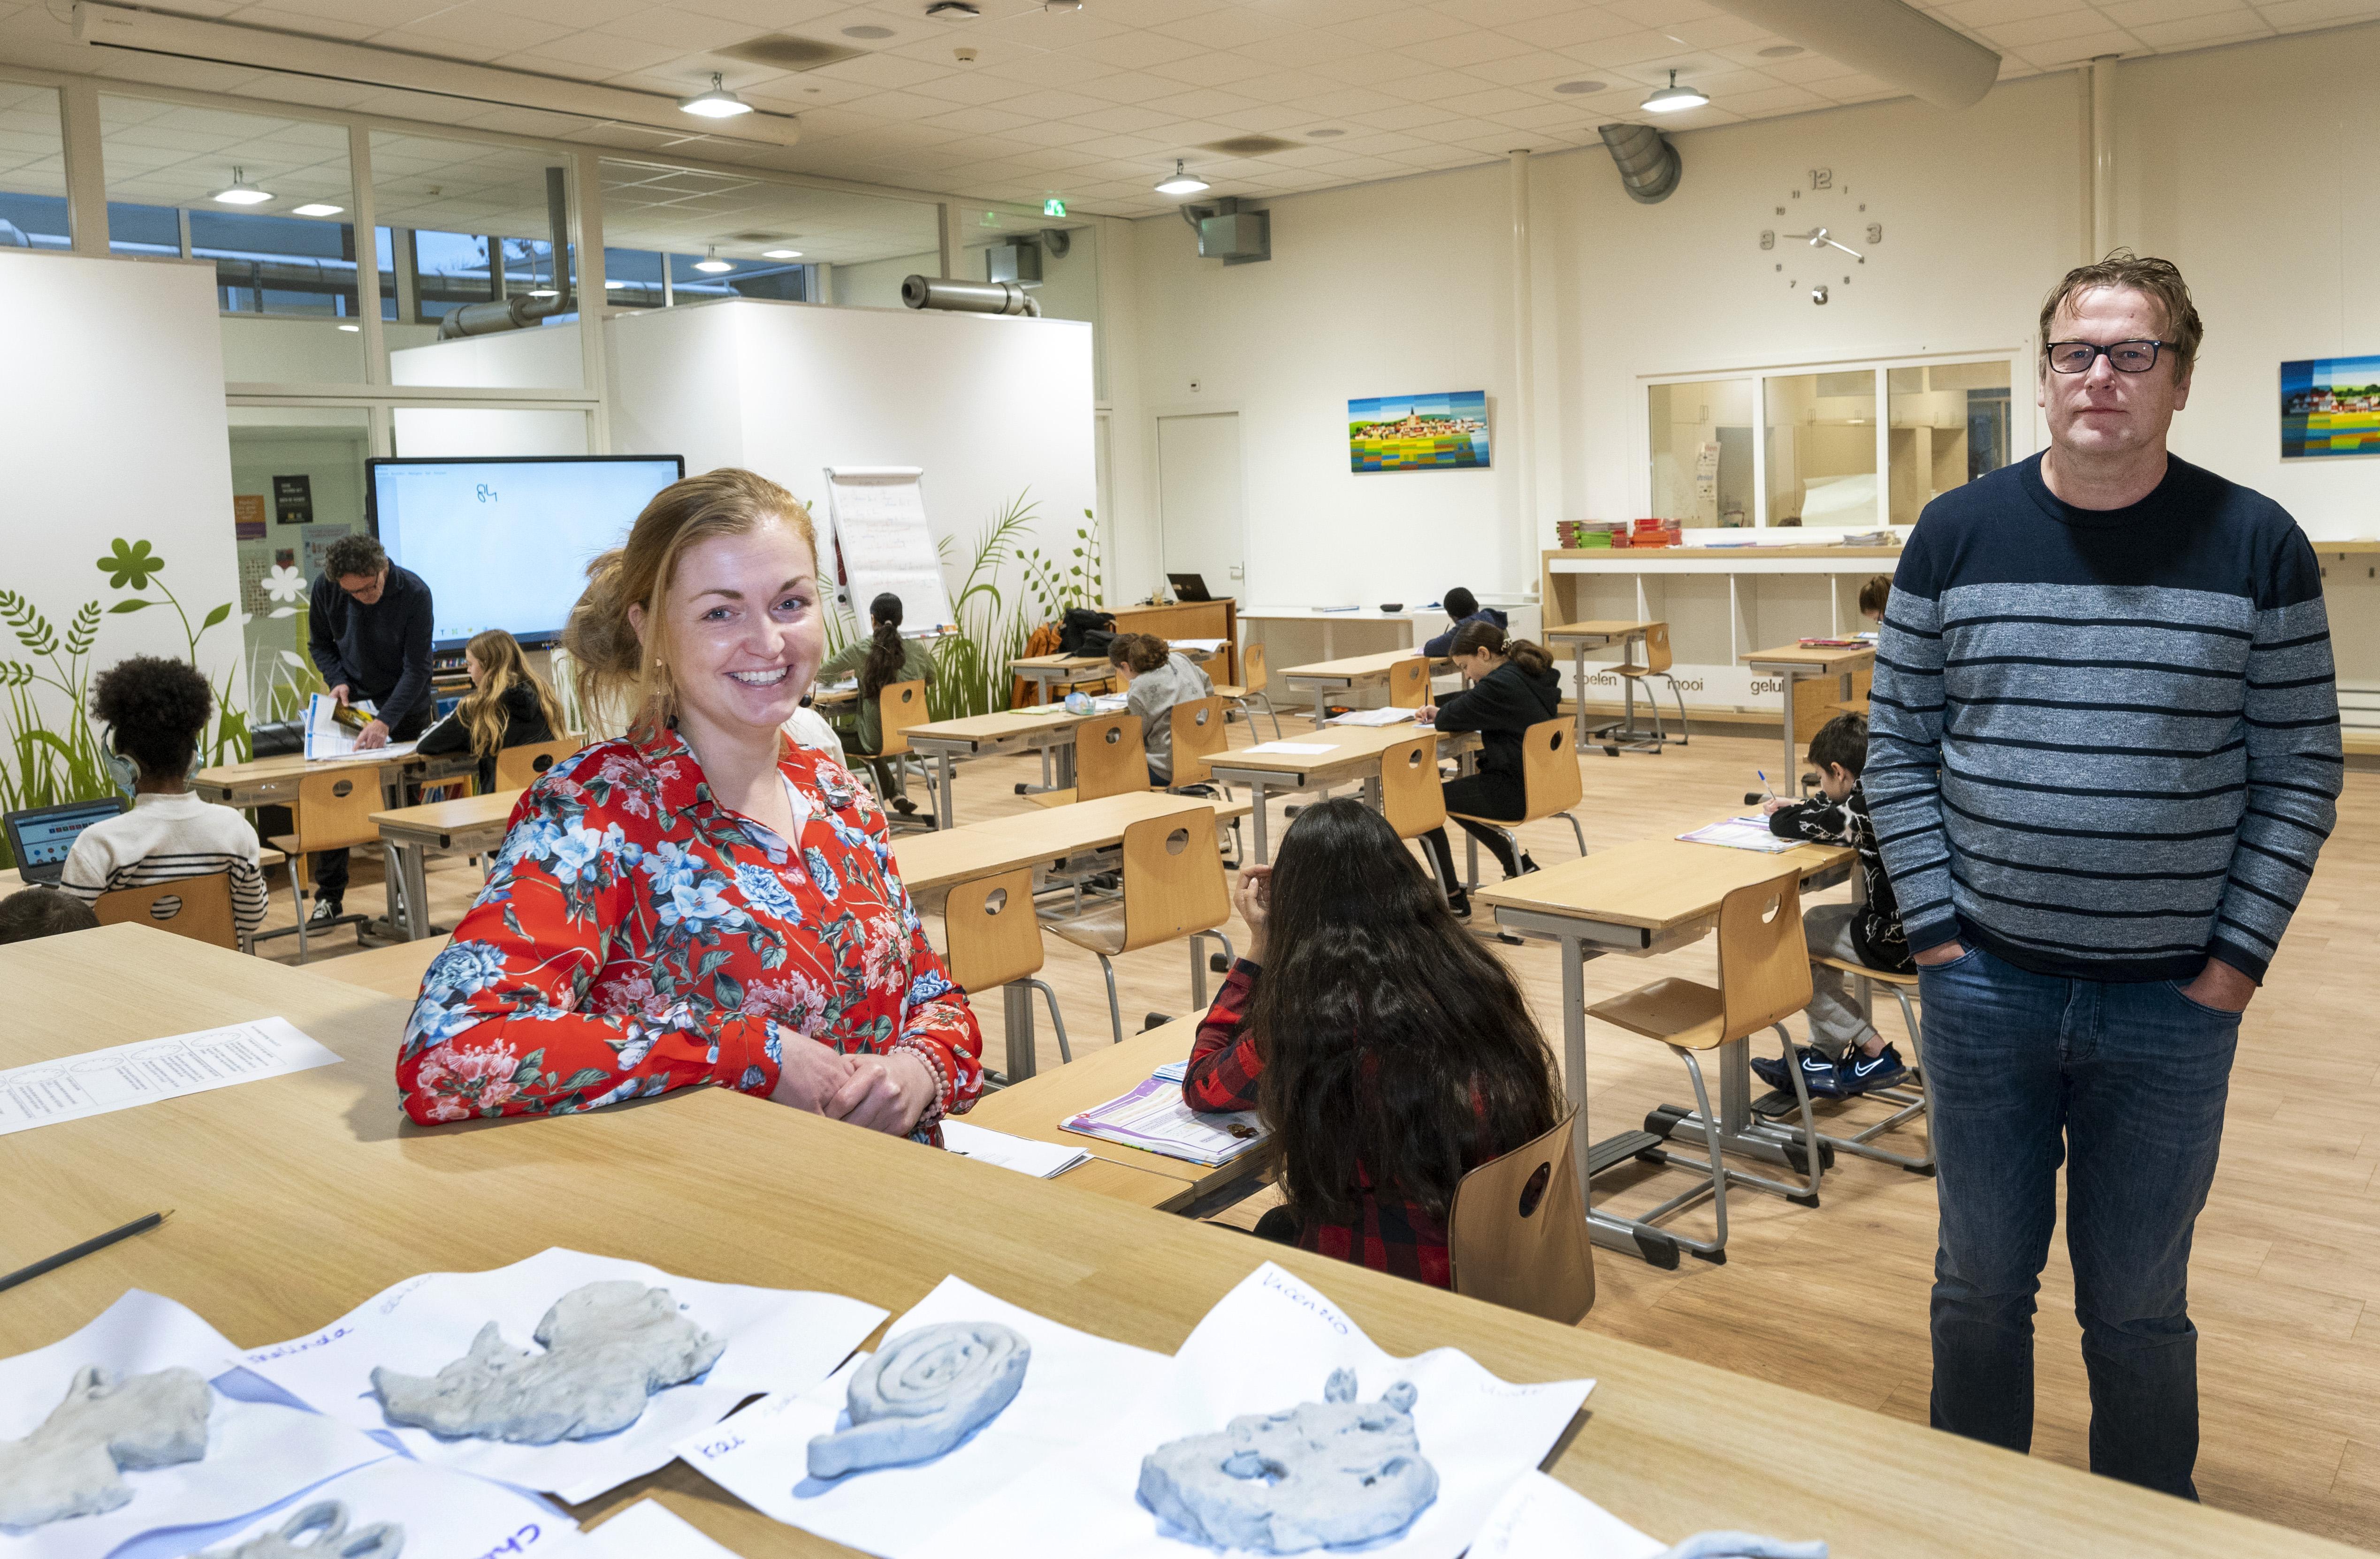 Mgr. Huibersschool in Haarlem gebruikt gymzaal als leslokaal en blijft onderwijs aanbieden voor alle klassen